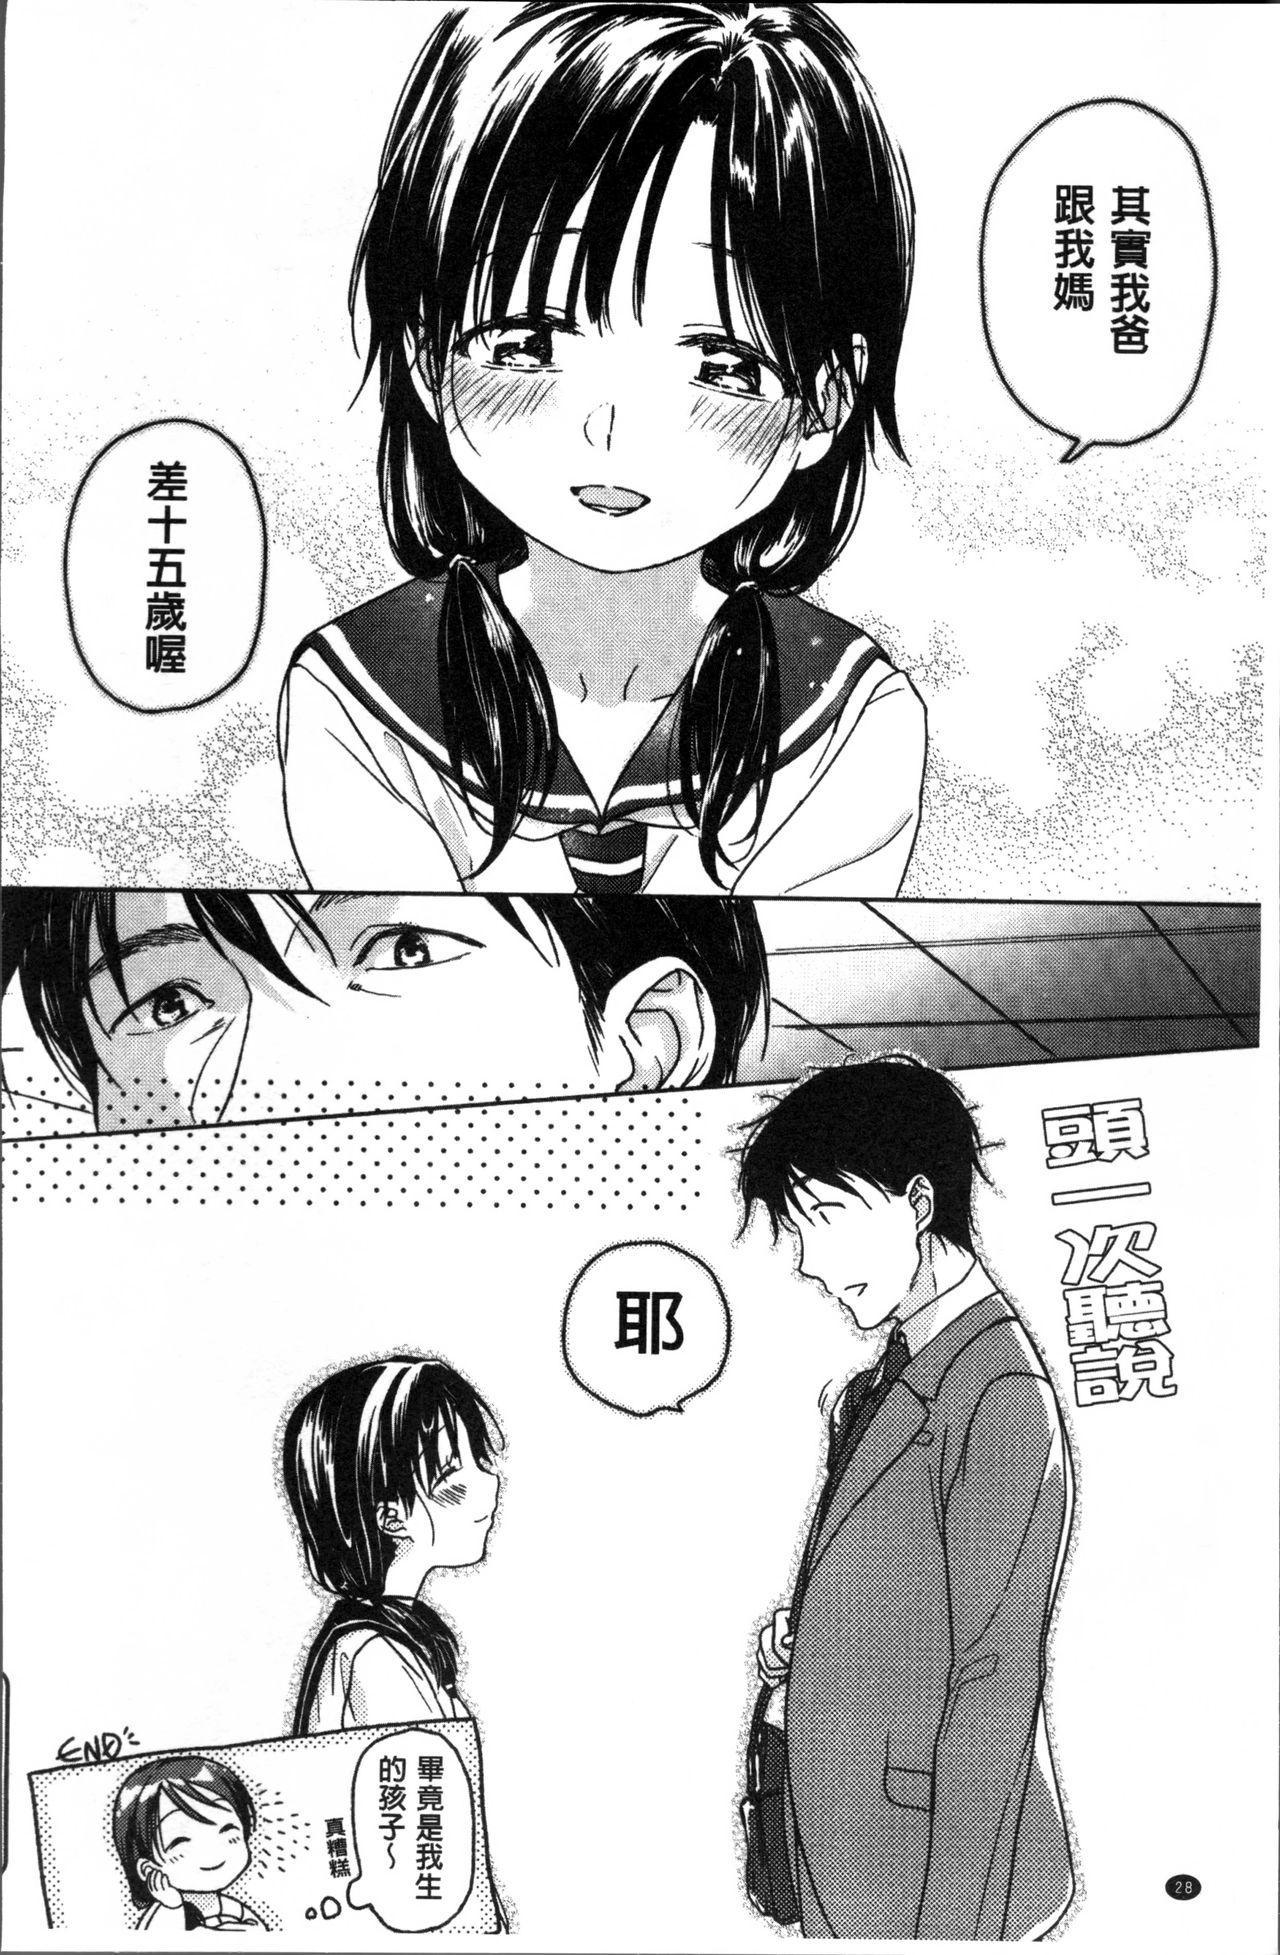 Kanojo no Setsuna 30